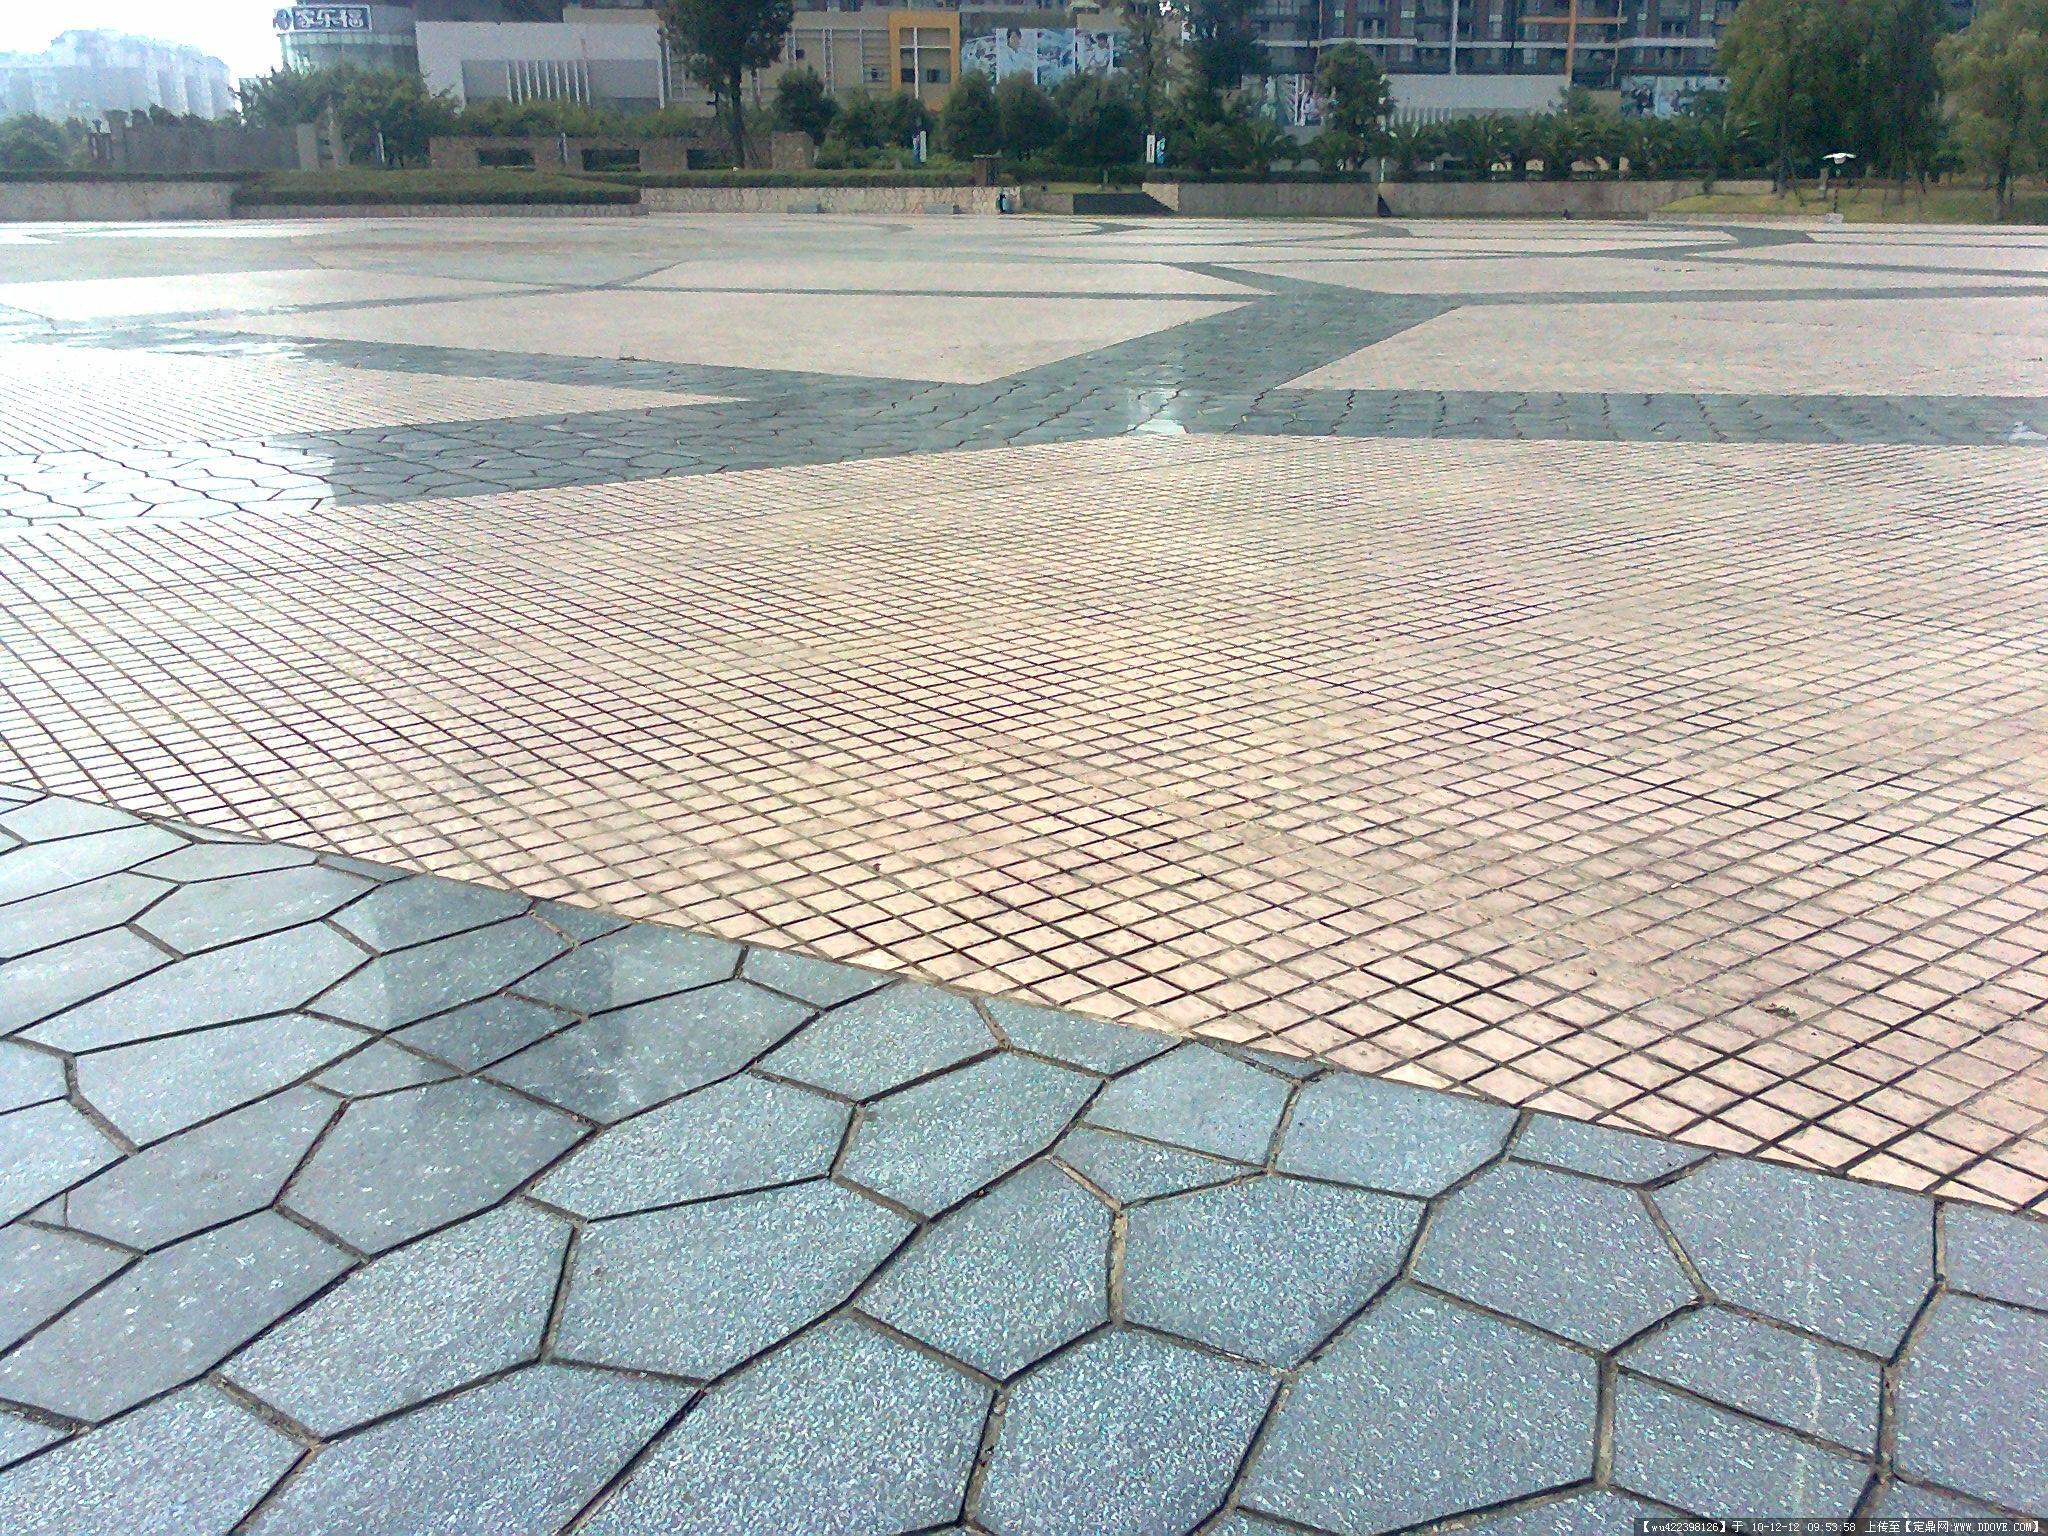 贴图23张   大理石地面铺装 产品平台 环球经贸网   图片名